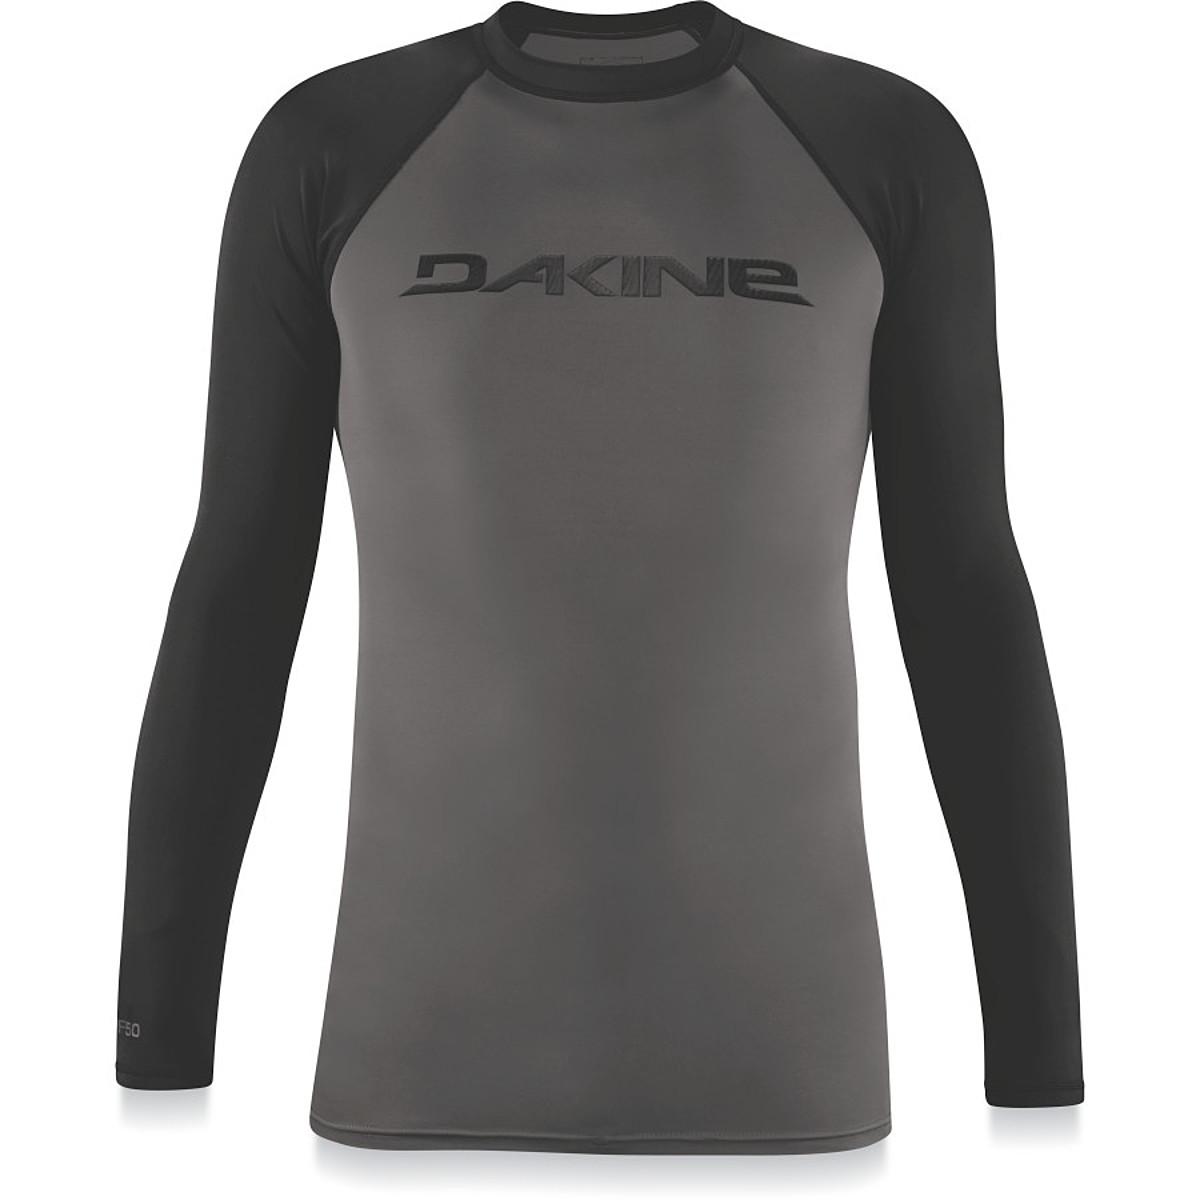 DaKine Heavy Duty L/S Rashguard